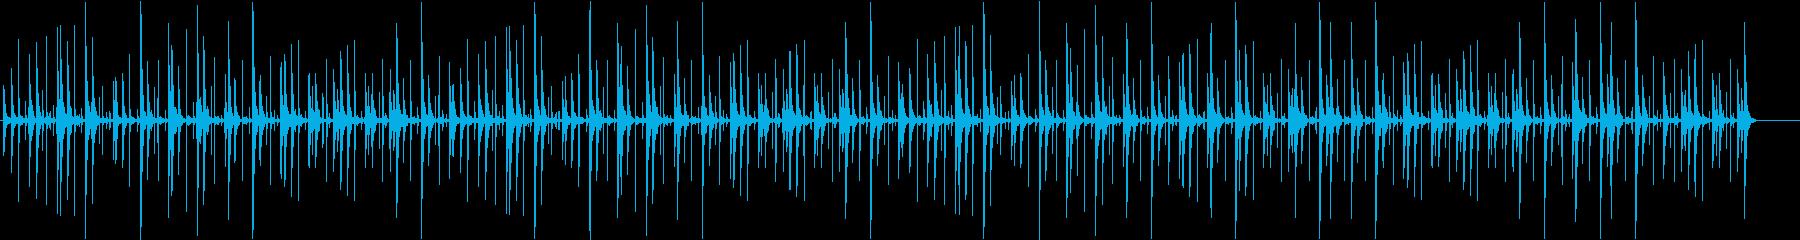 色々と使えるコンガのみのBGMの再生済みの波形